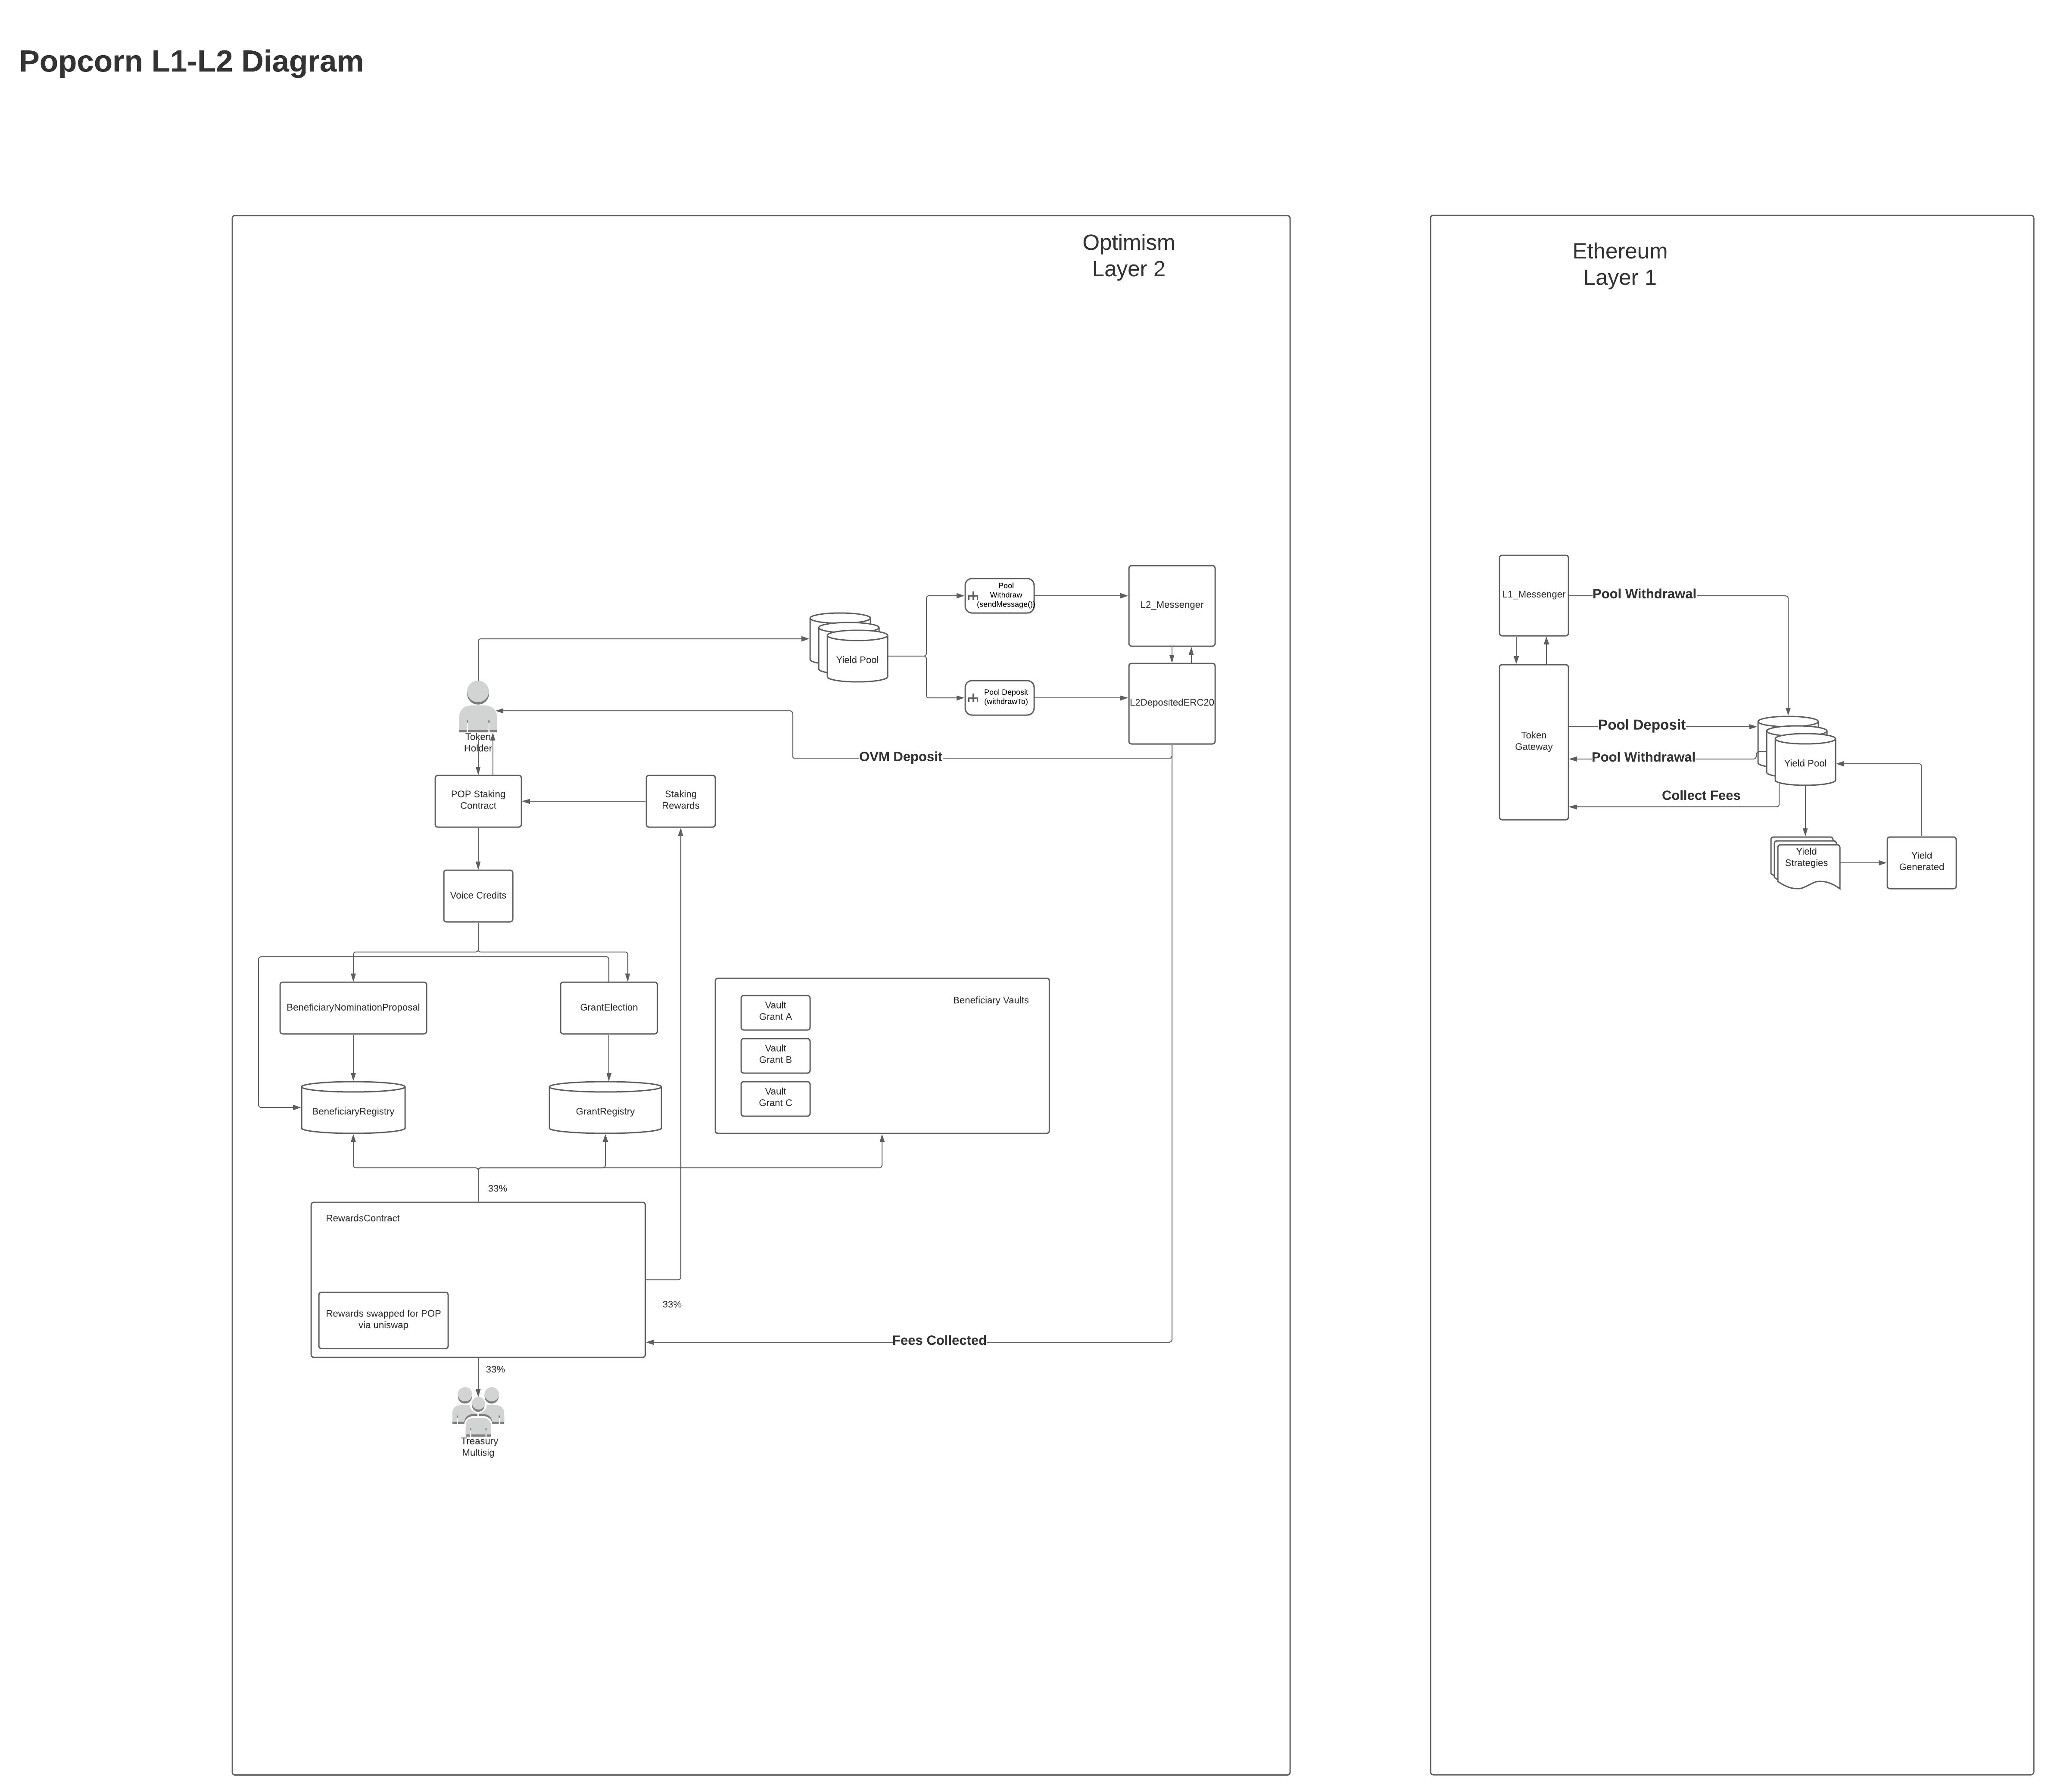 https://ethglobal.s3.amazonaws.com/recwKA69FVluiE5Vd/L1_L2_Diagram.png